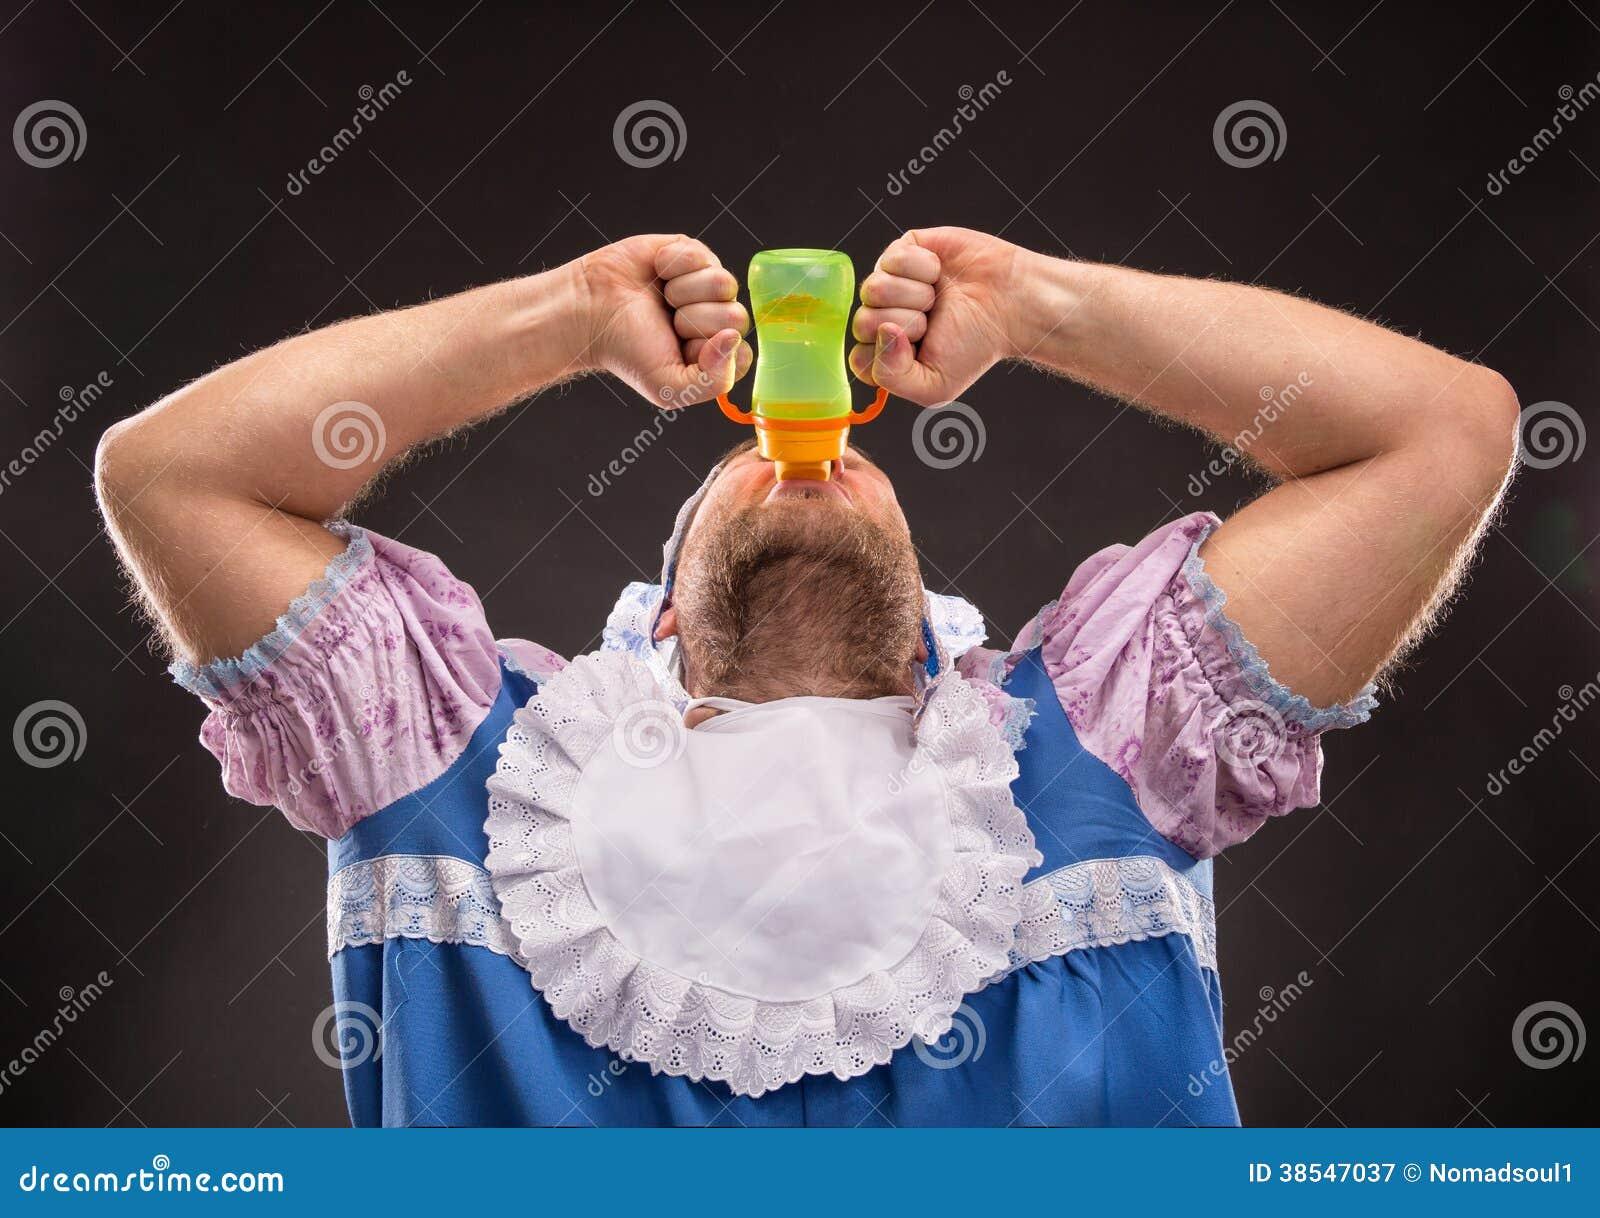 Mężczyzna ssa dziecko butelkę